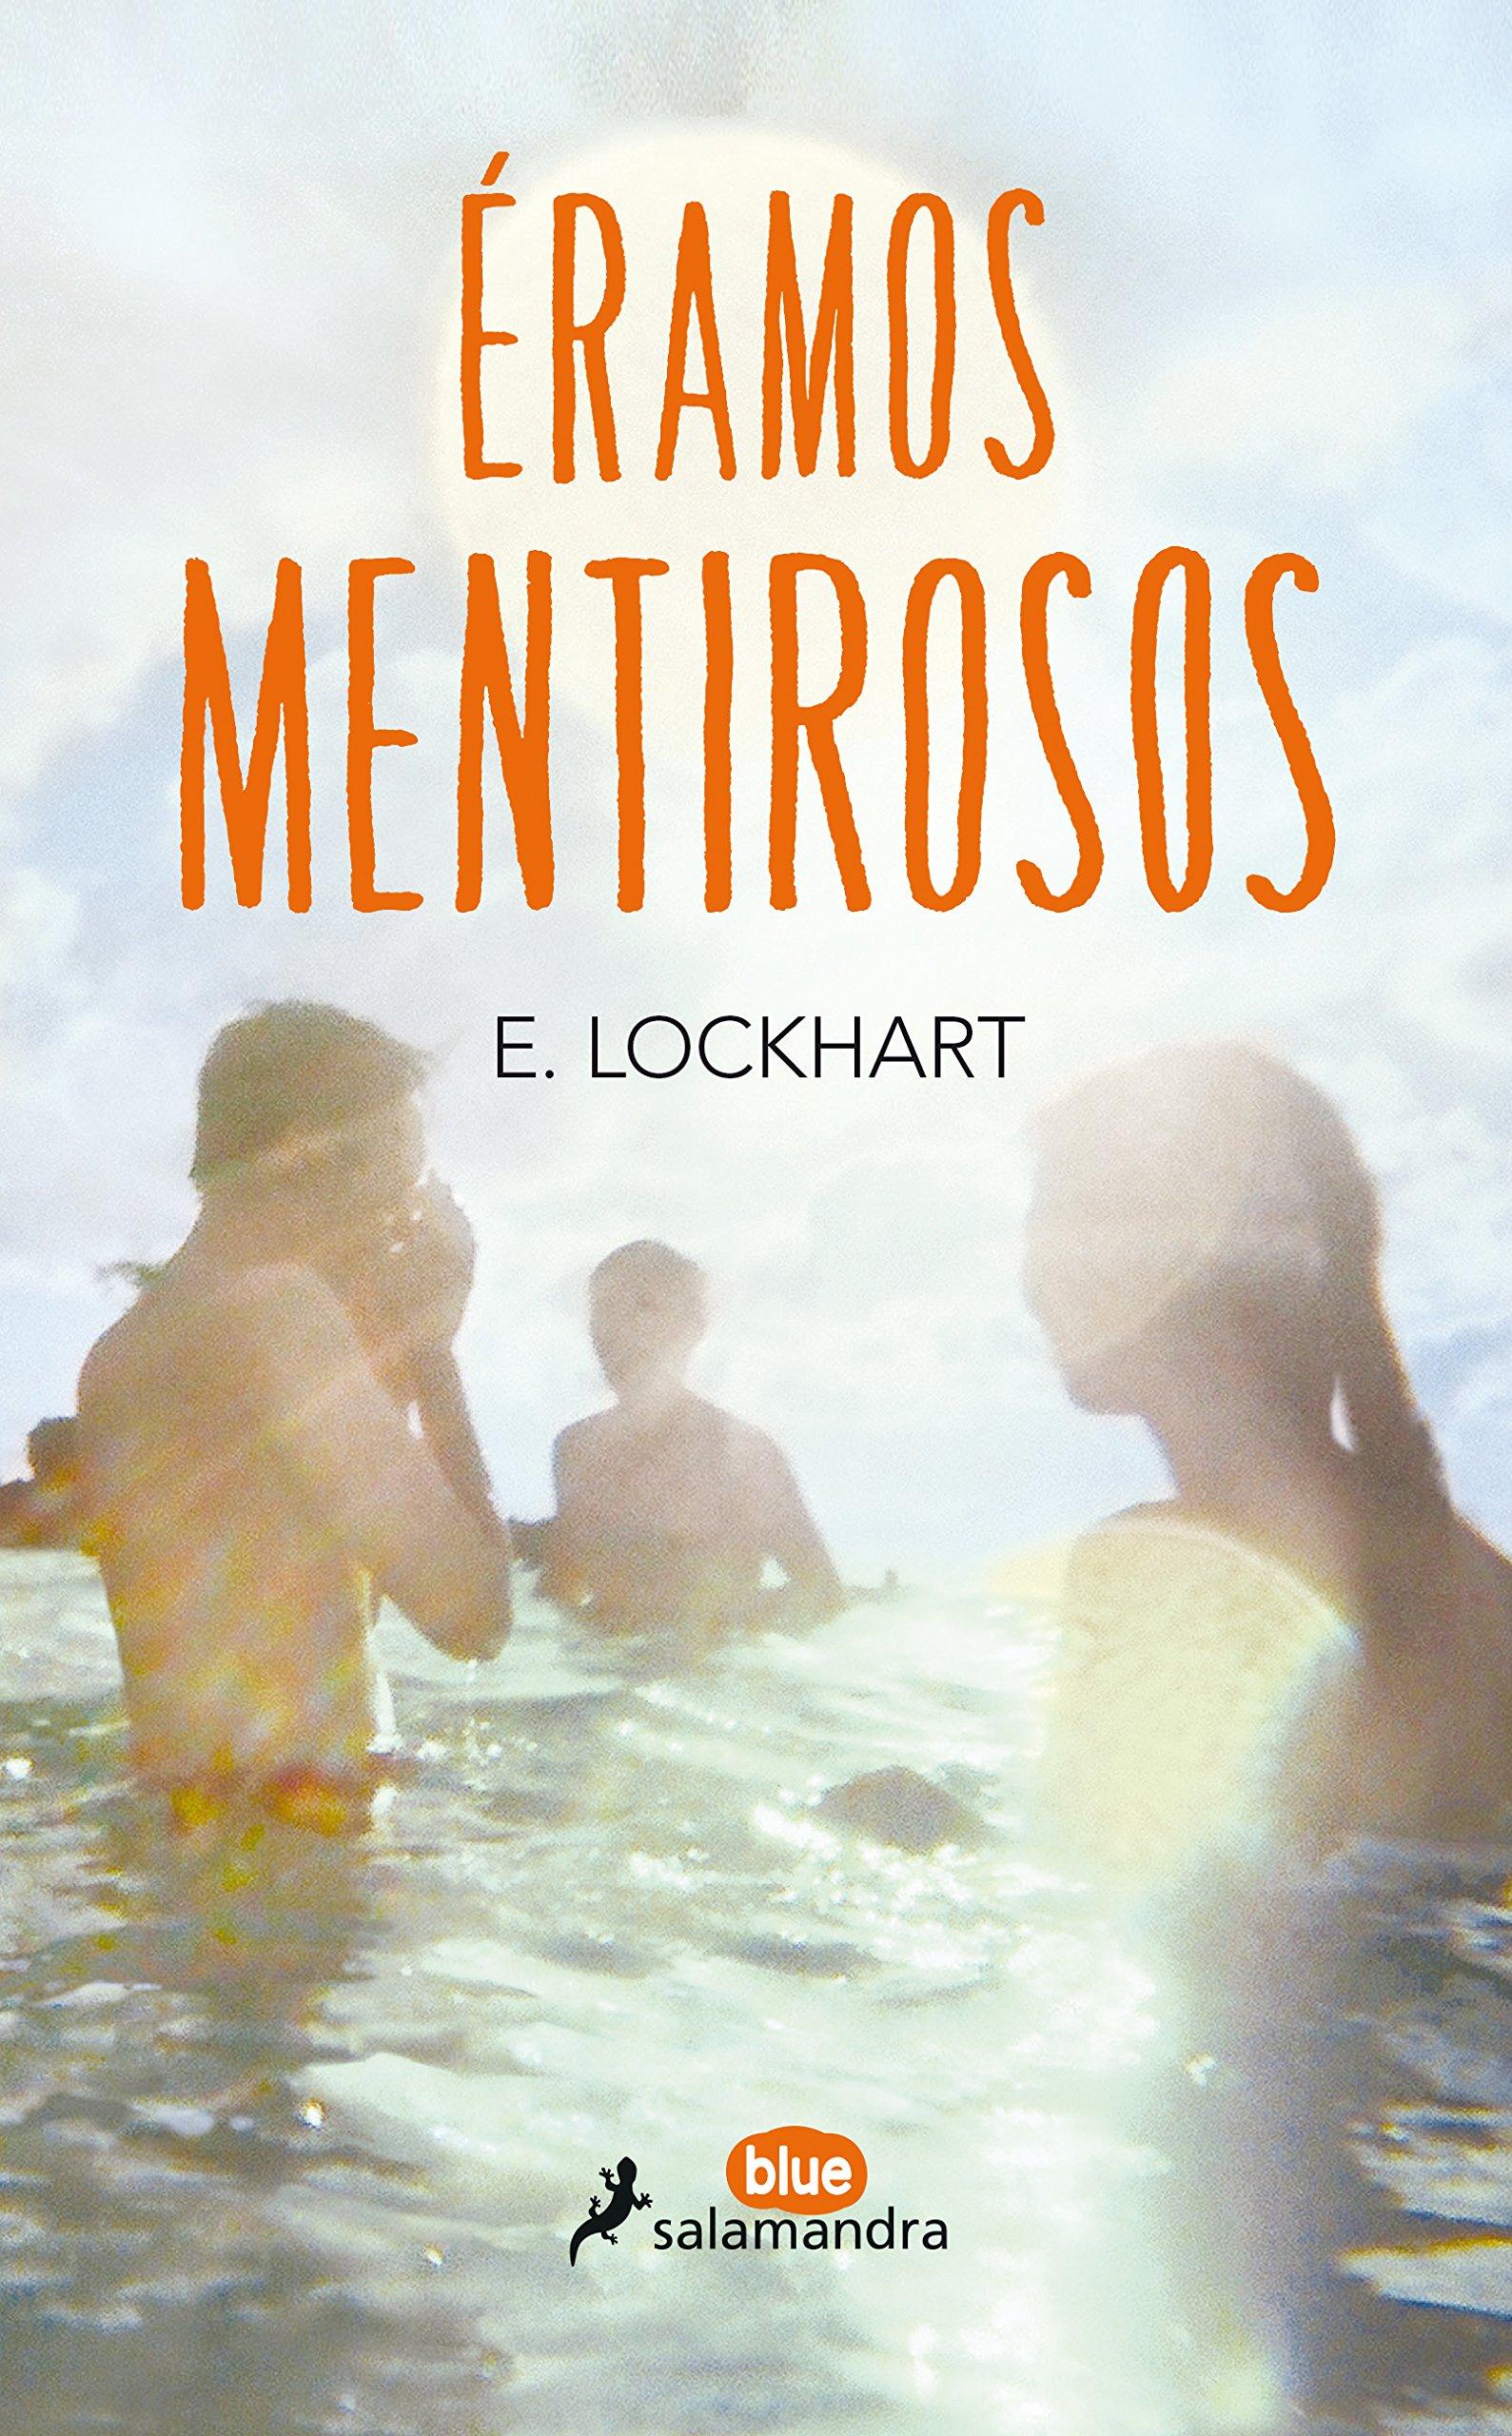 ÉRAMOS MENTIROSOS (Juvenil): Amazon.es: Lockhart, E.: Libros